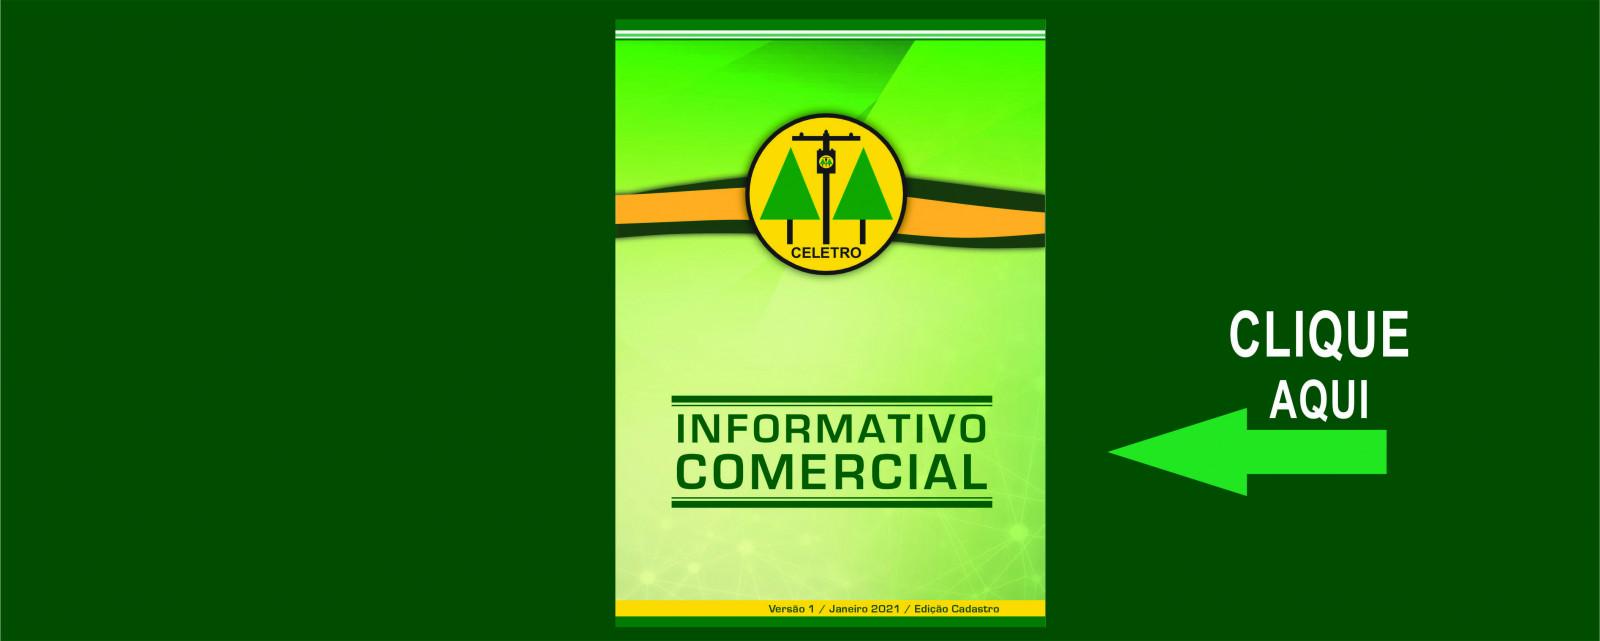 Informativo Comercial